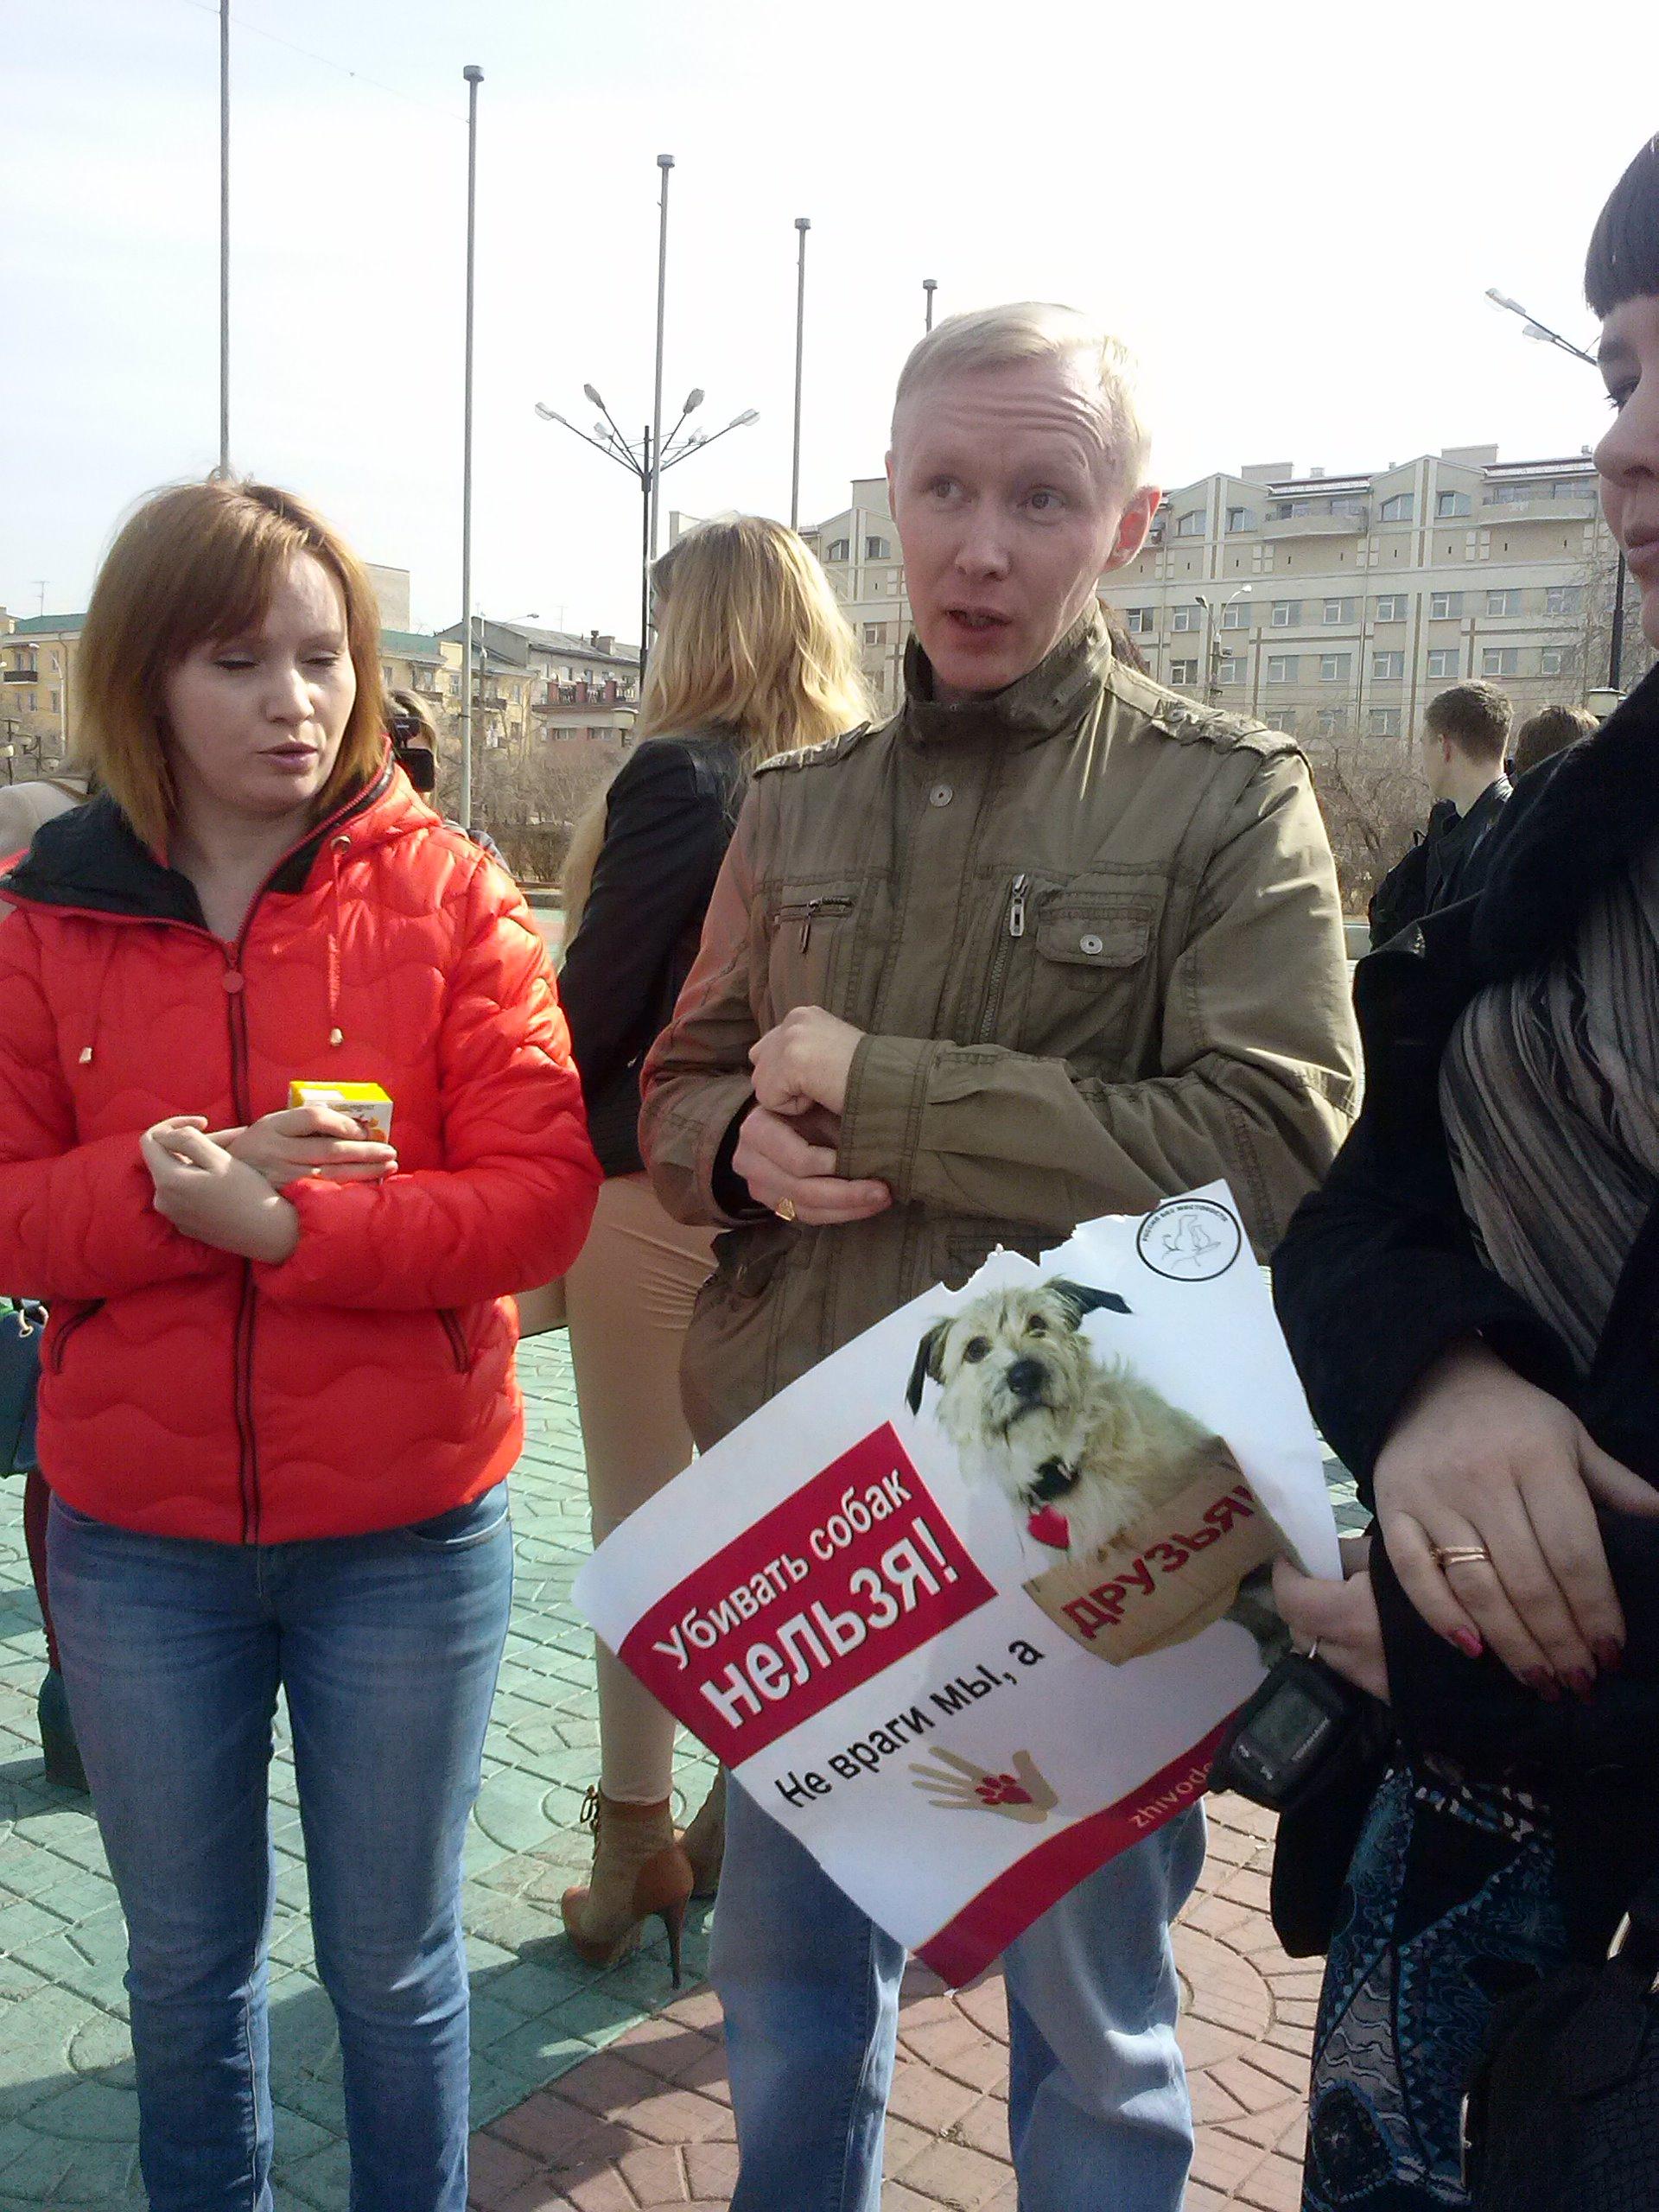 Догхантер, известный в сети Интернет под ником Михаил Северный, пришел на пикет в защиту бездомных животных Читы